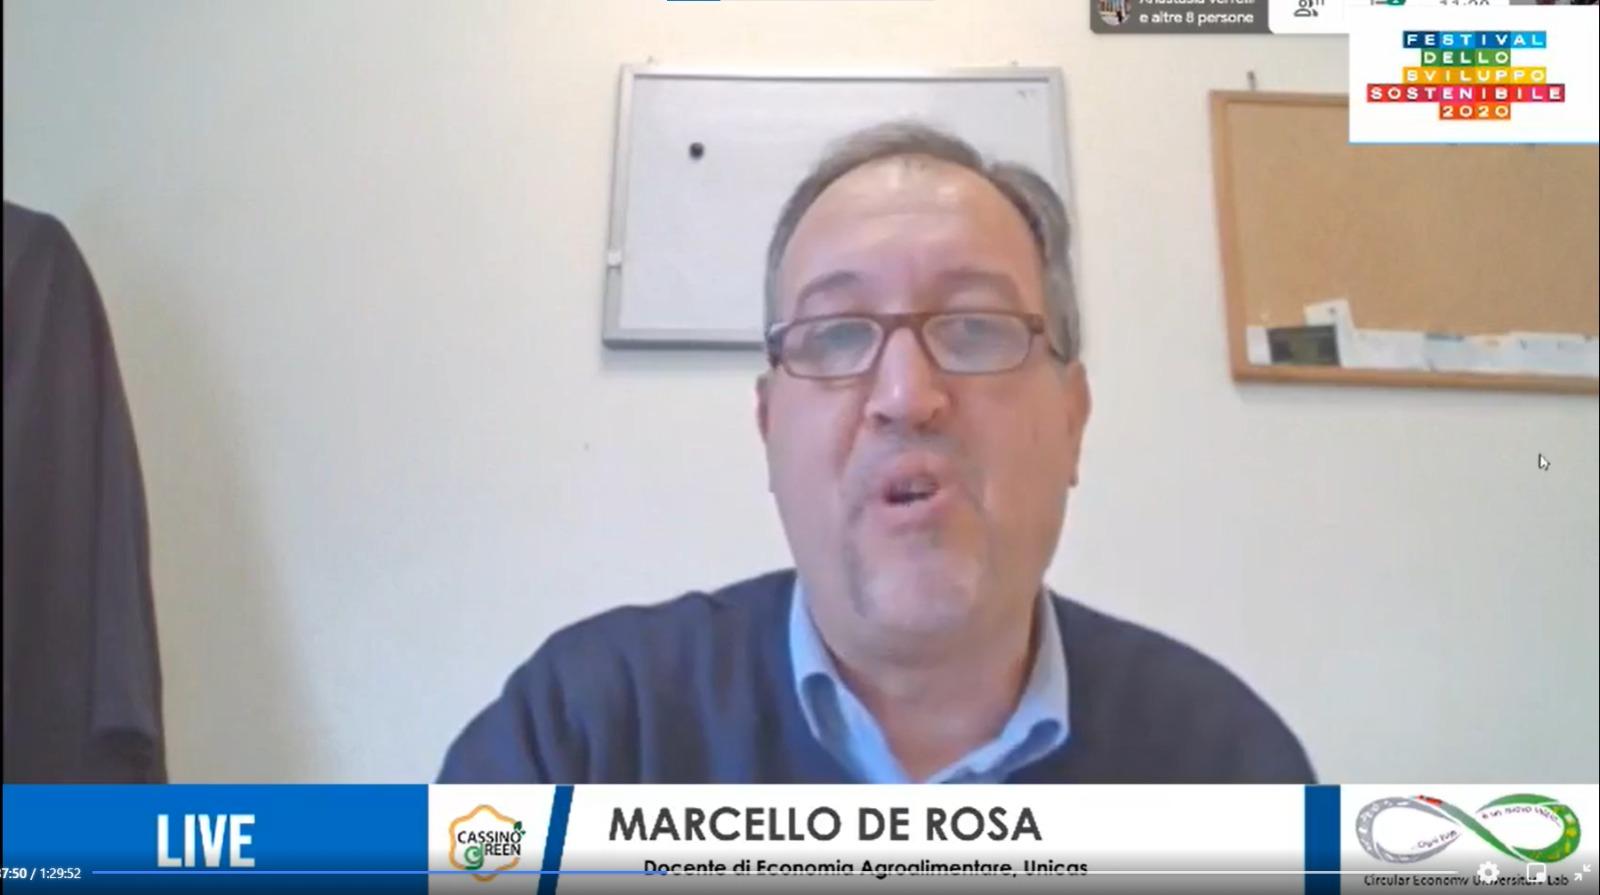 Marcello De Rosa, professore di Economia ed Estimo Rurale presso il Dipartimento di Economia e Giurisprudenza dell'Università di Cassino